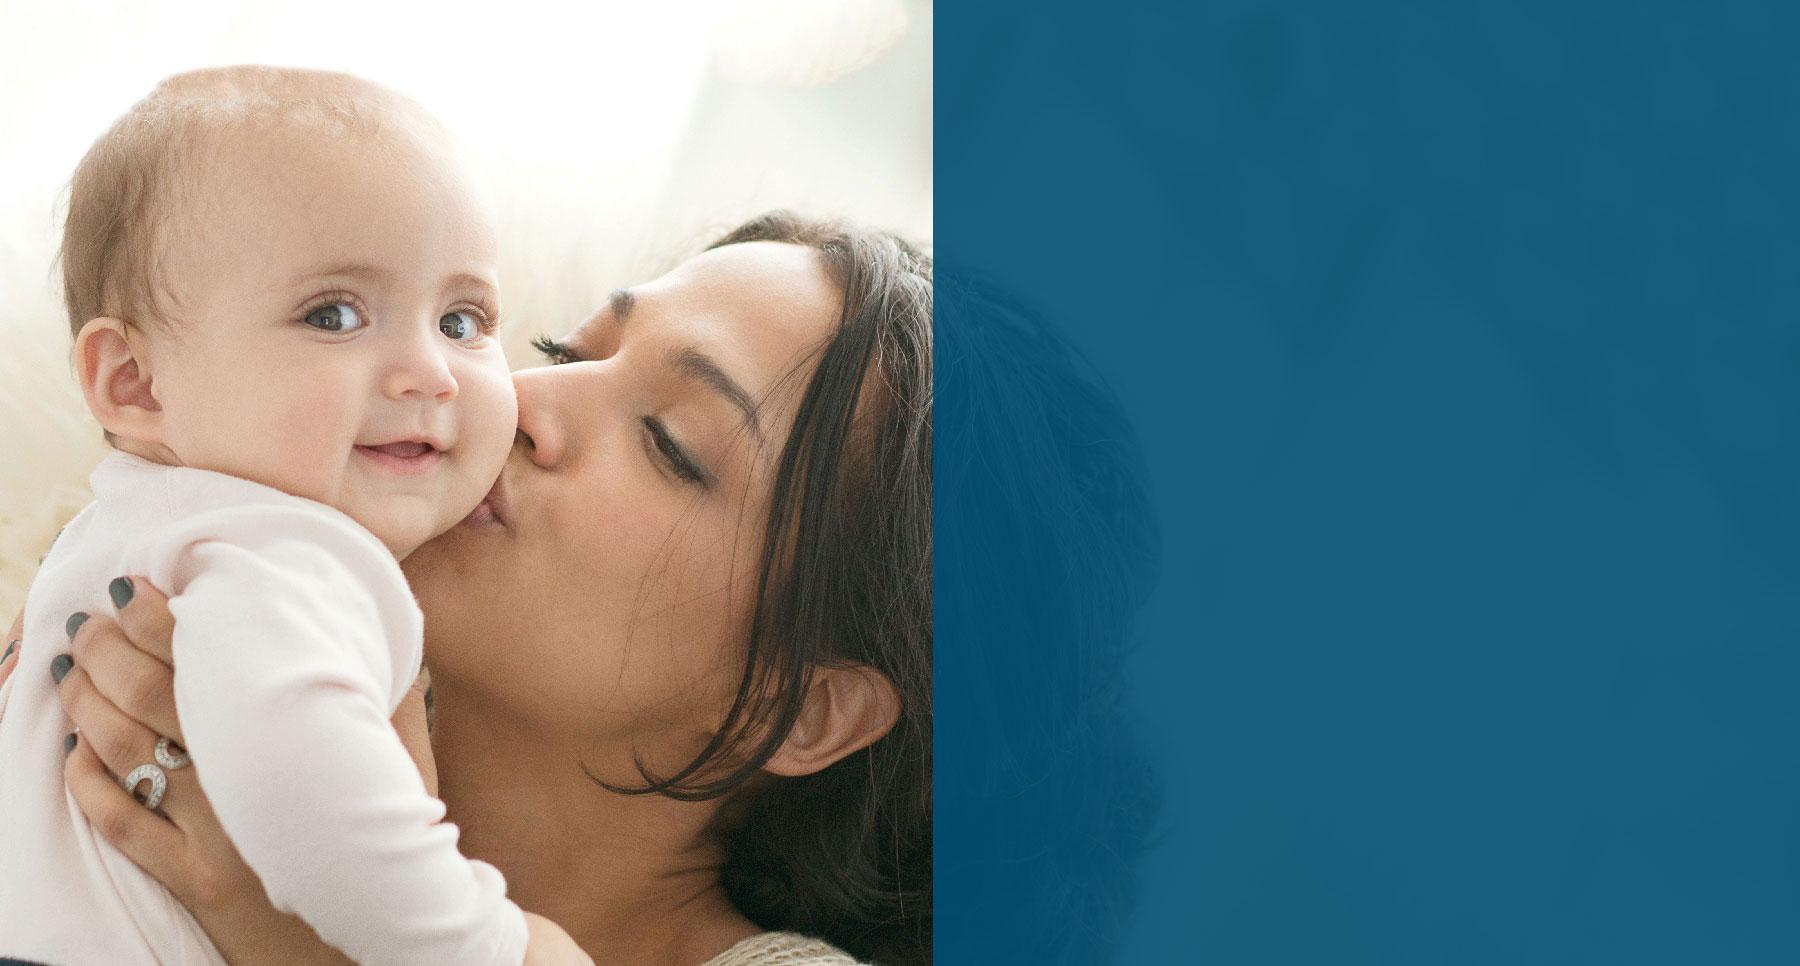 Joven madre con bebé sonriente y besándolo en la mejilla